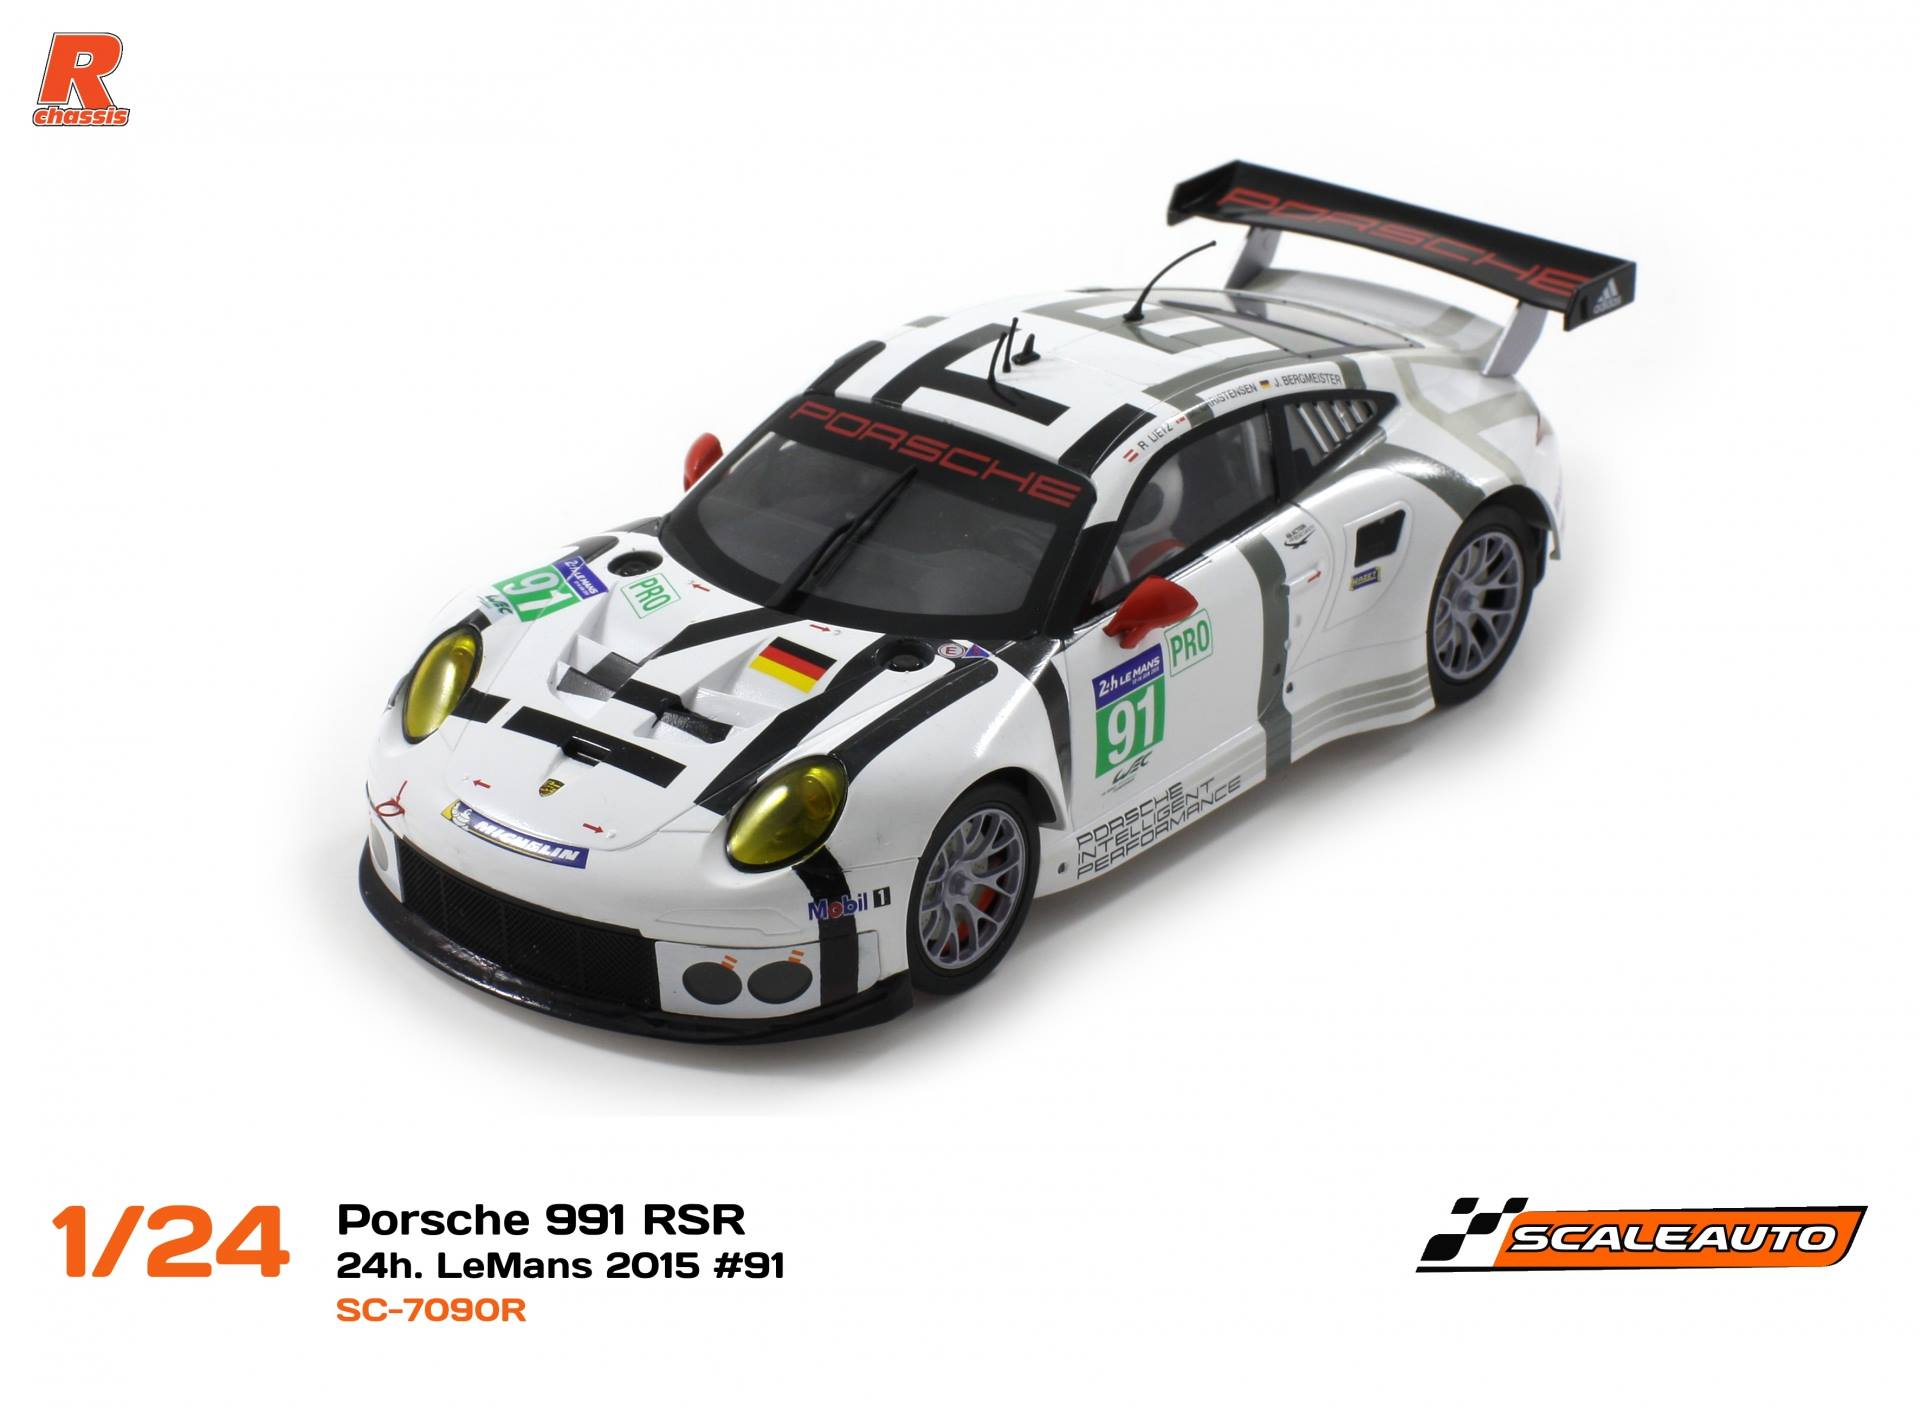 SC-7090B Carrosserie Porsche 991 GT3 RSR 24h. LeMans 2015 # 91